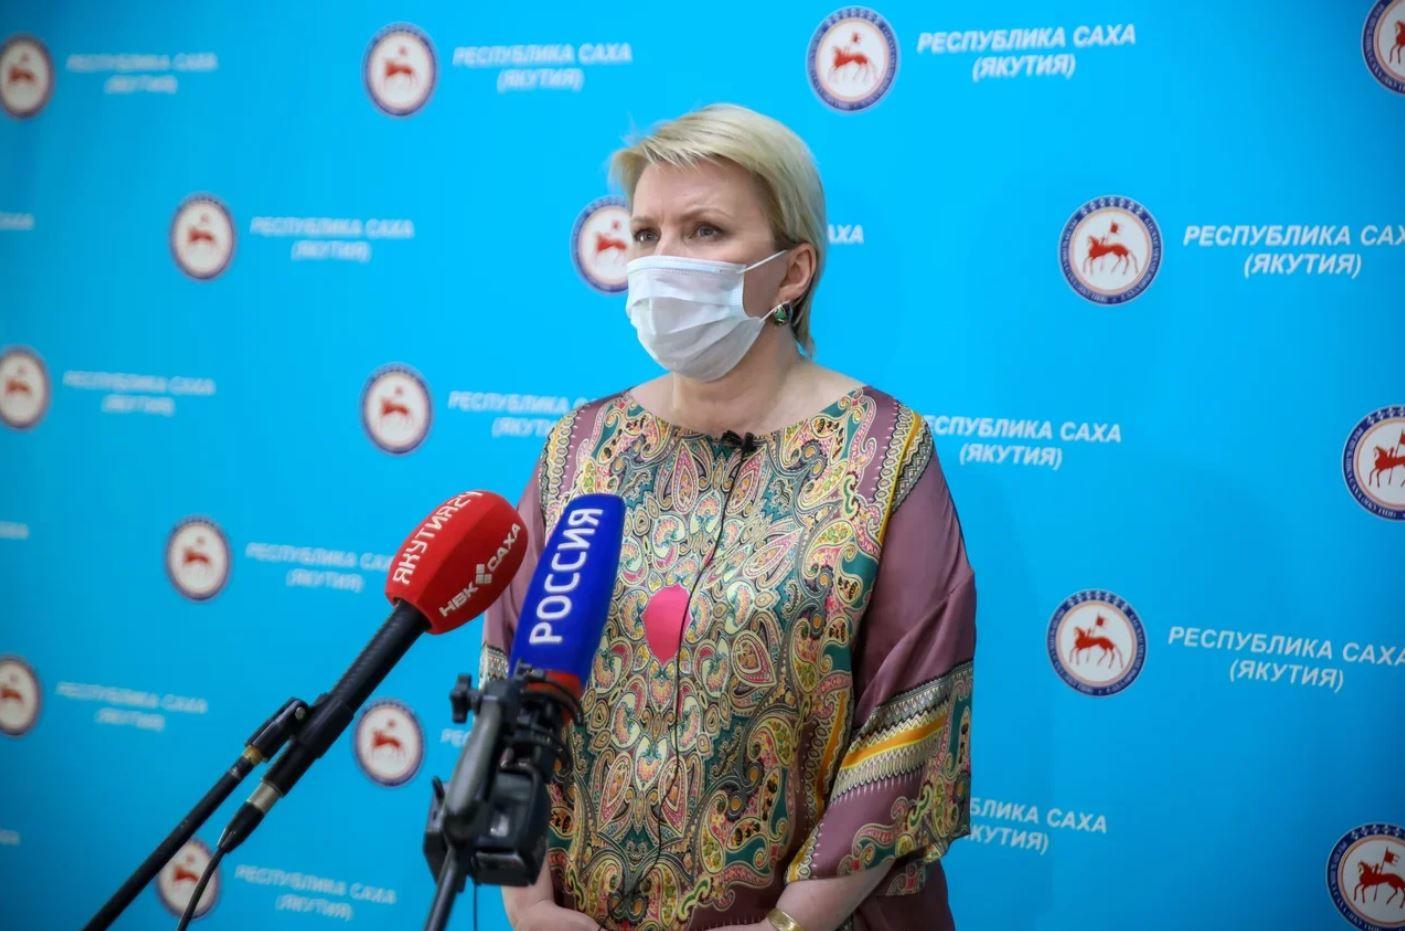 Брифинг Ольги Балабкиной об эпидобстановке на 20 августа: трансляция «Якутия 24»